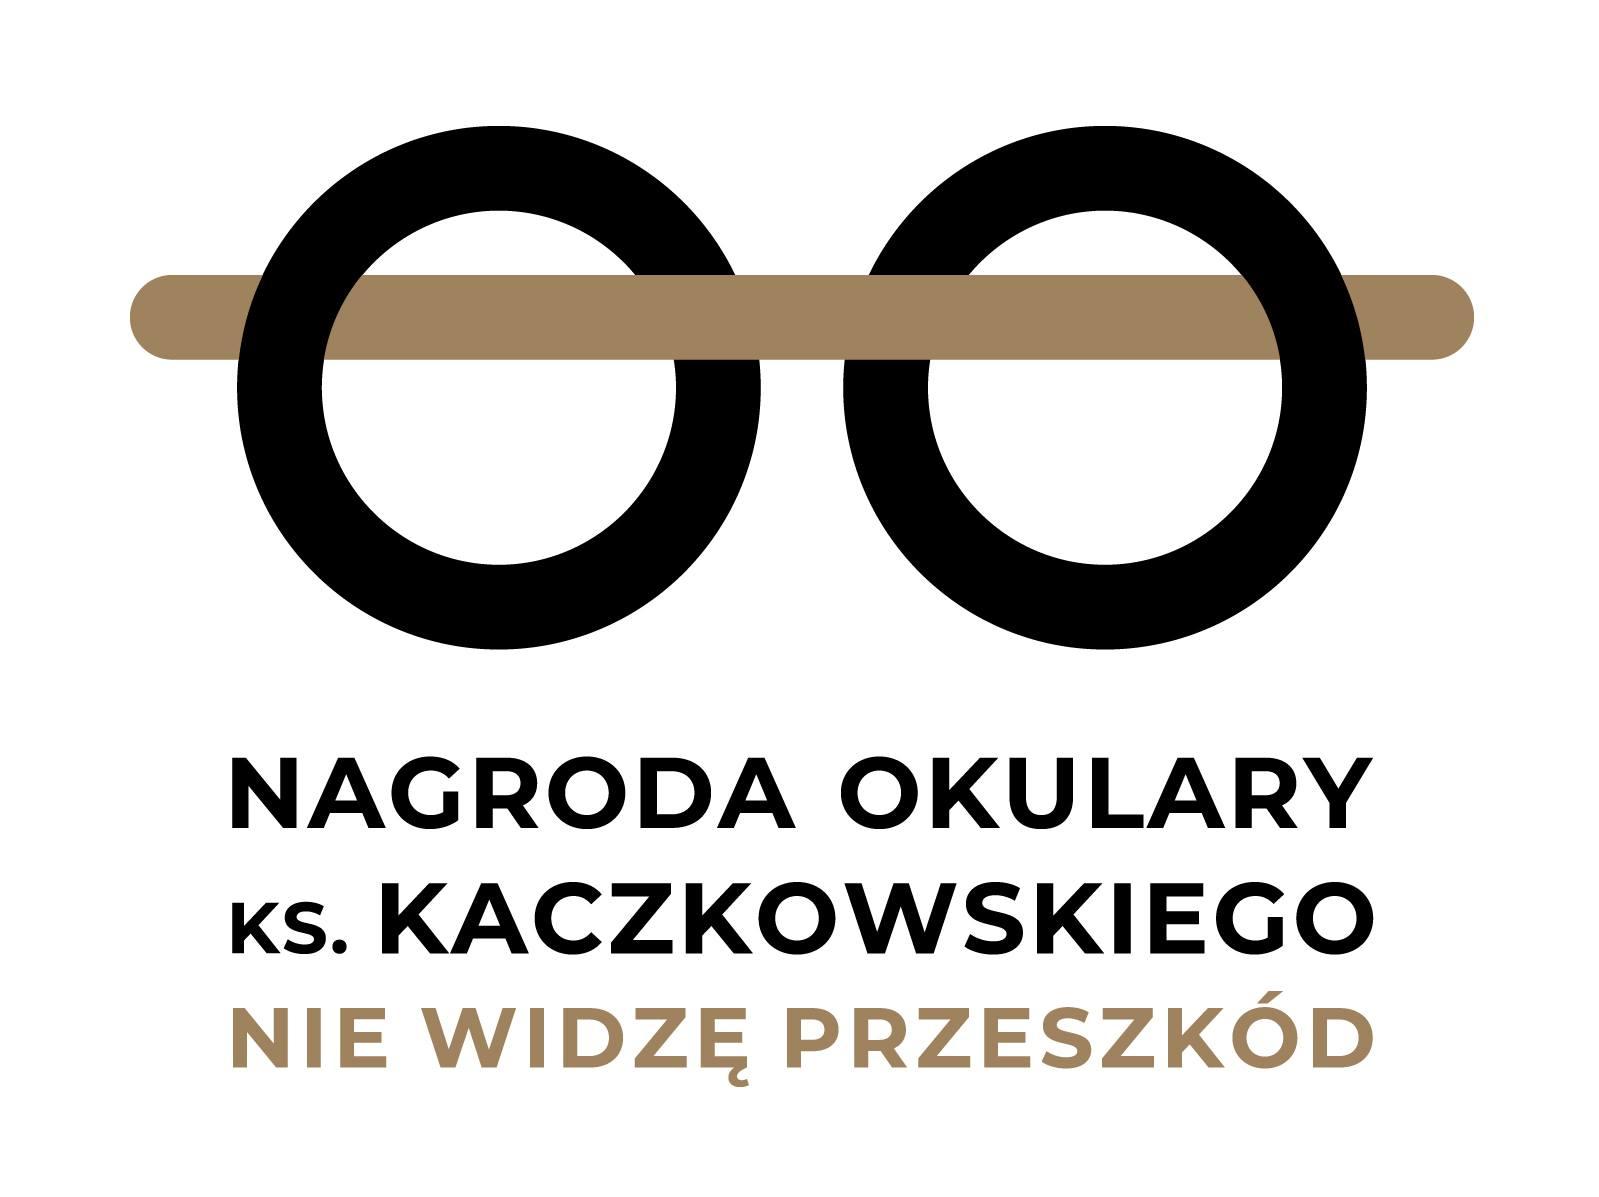 Okulary ks. Kaczkowskiego. Nie widzę przeszkód